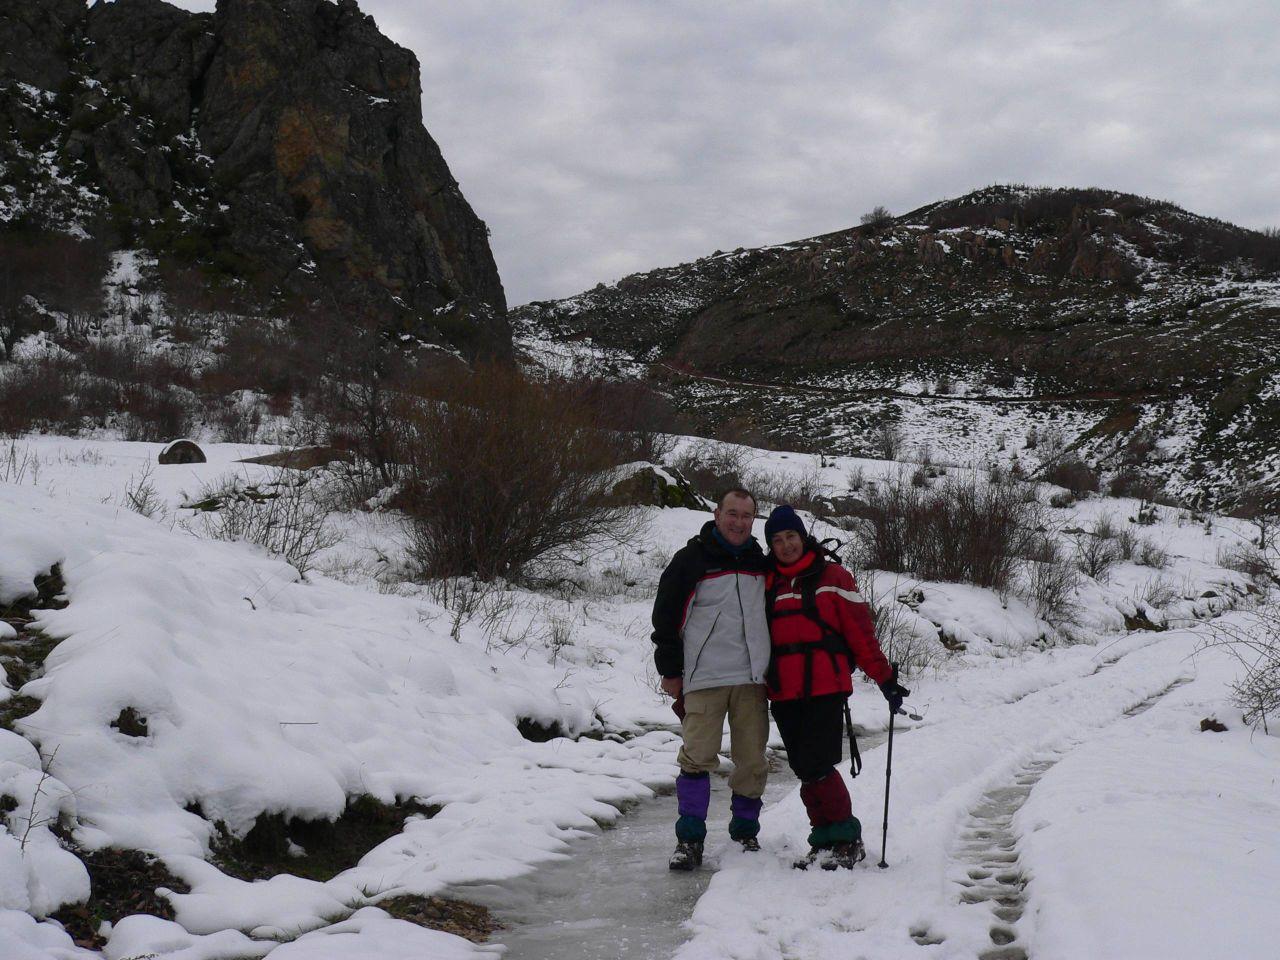 pareja en camino helado